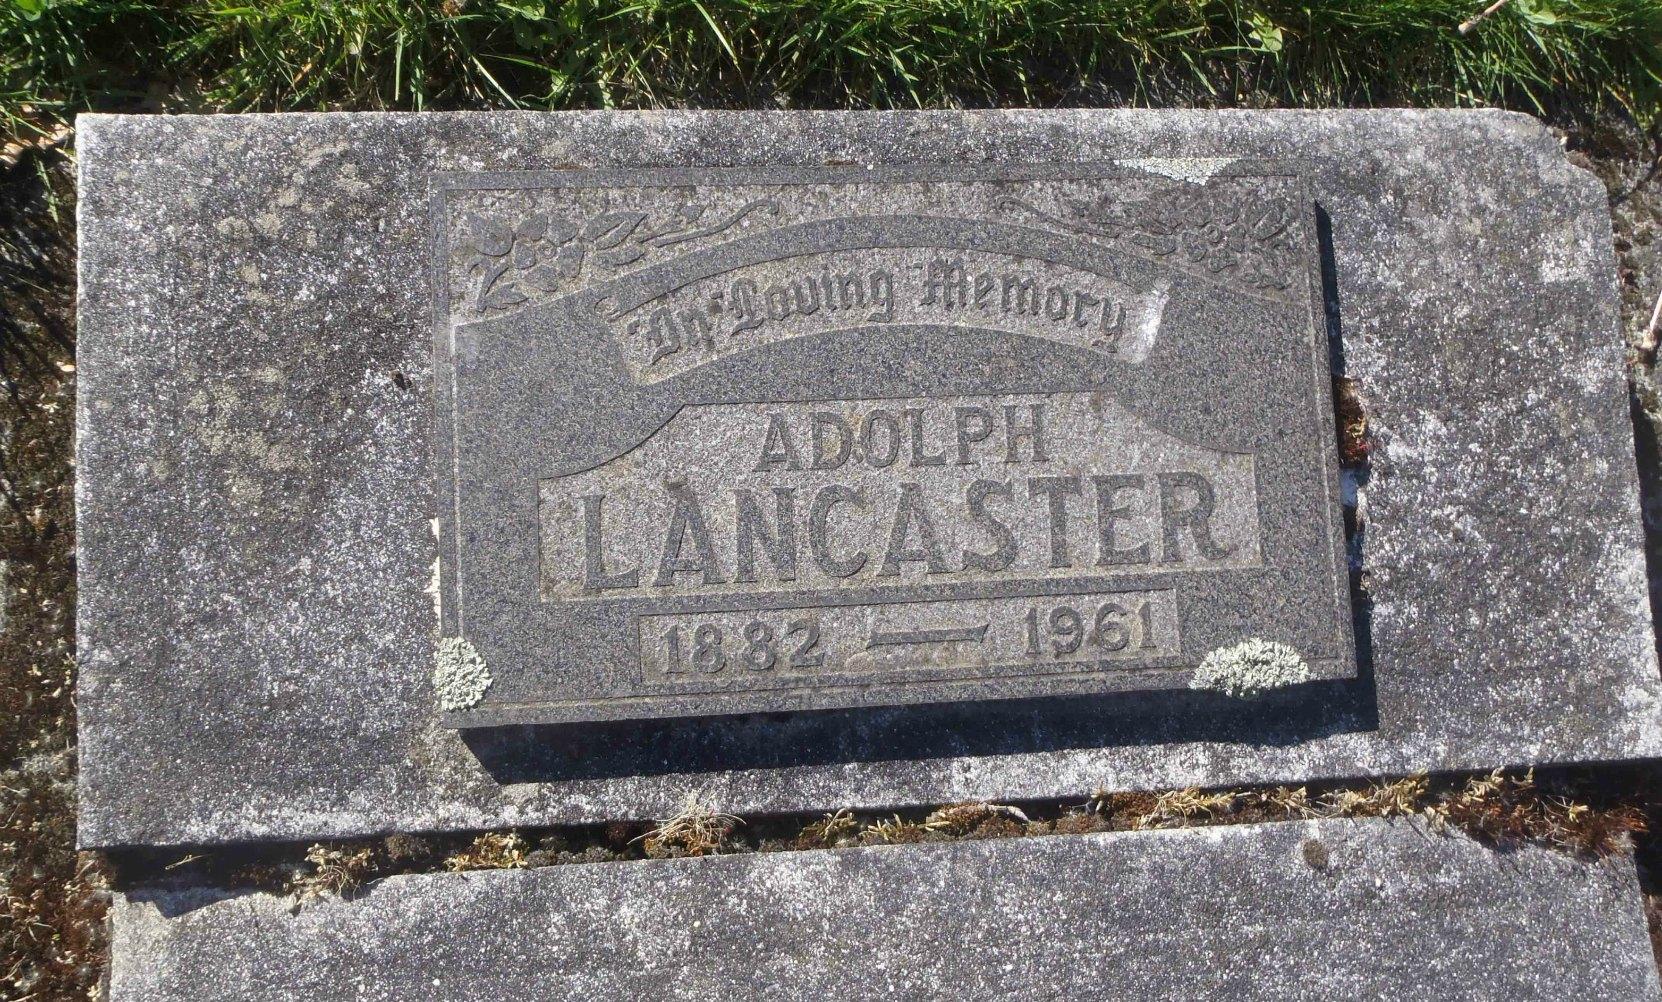 Adolph Lancaster (1882-1861), headstone inscription, Victoria Jewish Cemetery, Victoria, B.C.